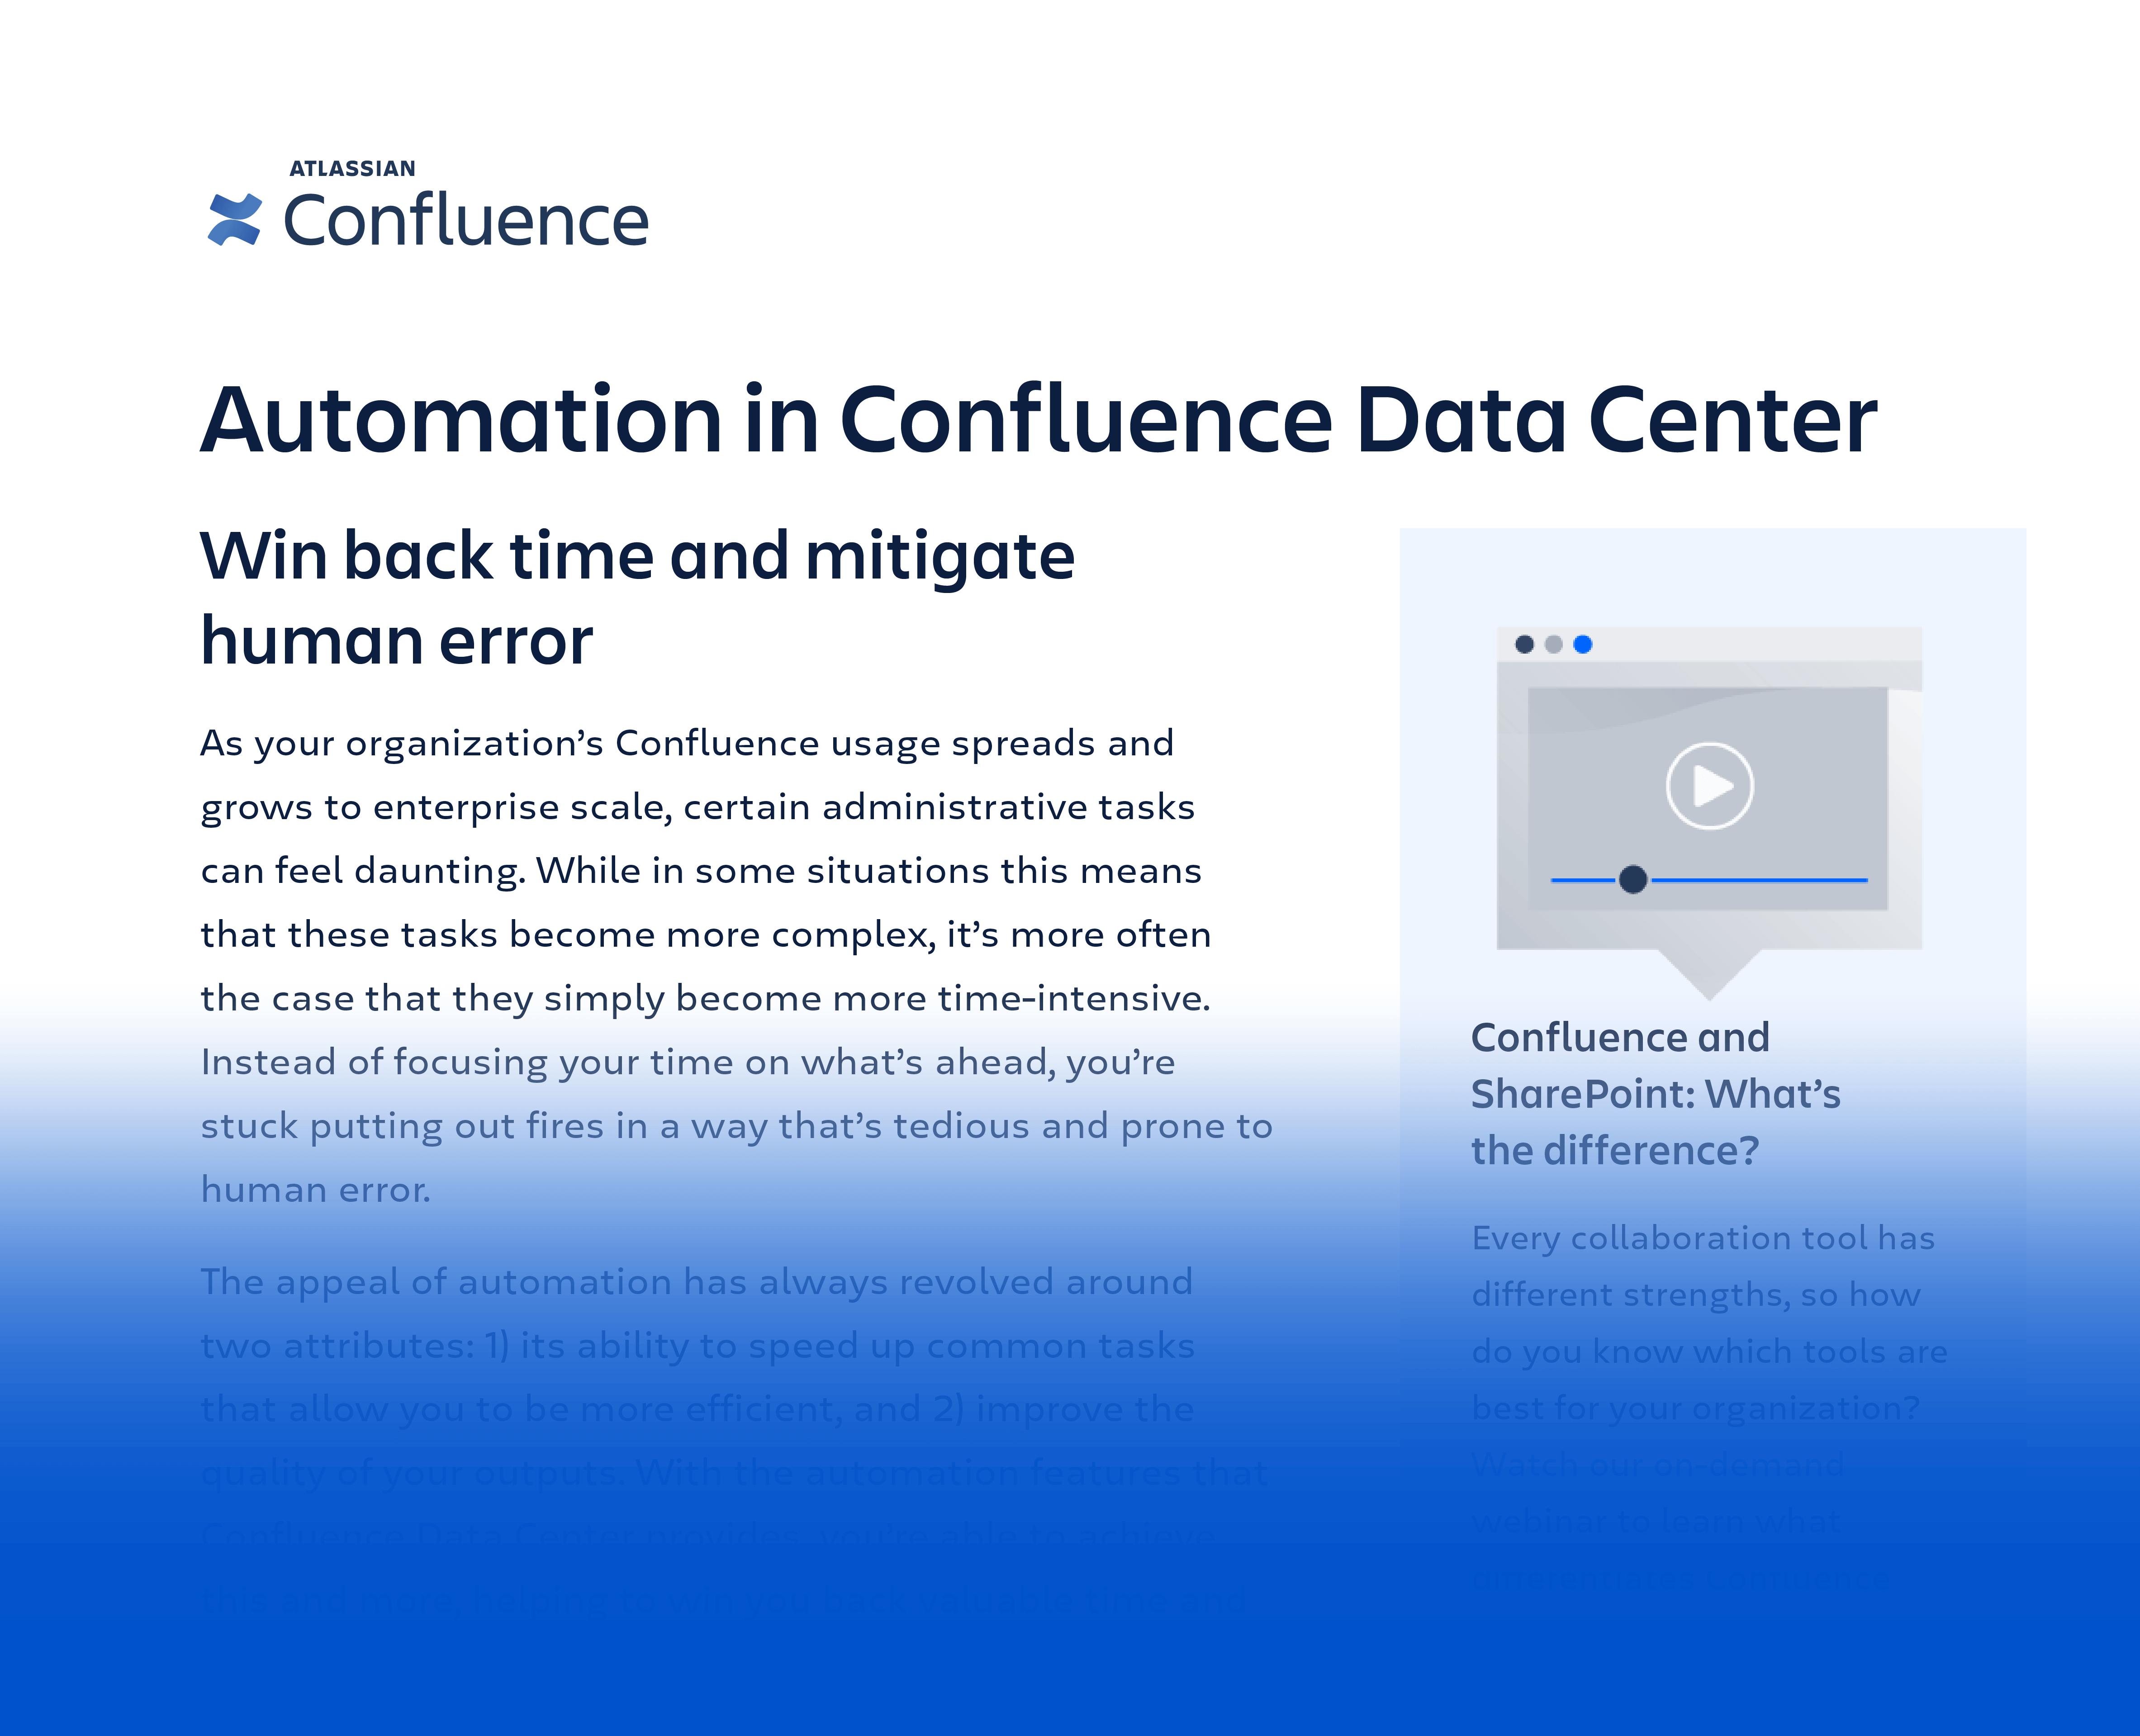 データ シート: Confluence Data Center での自動化